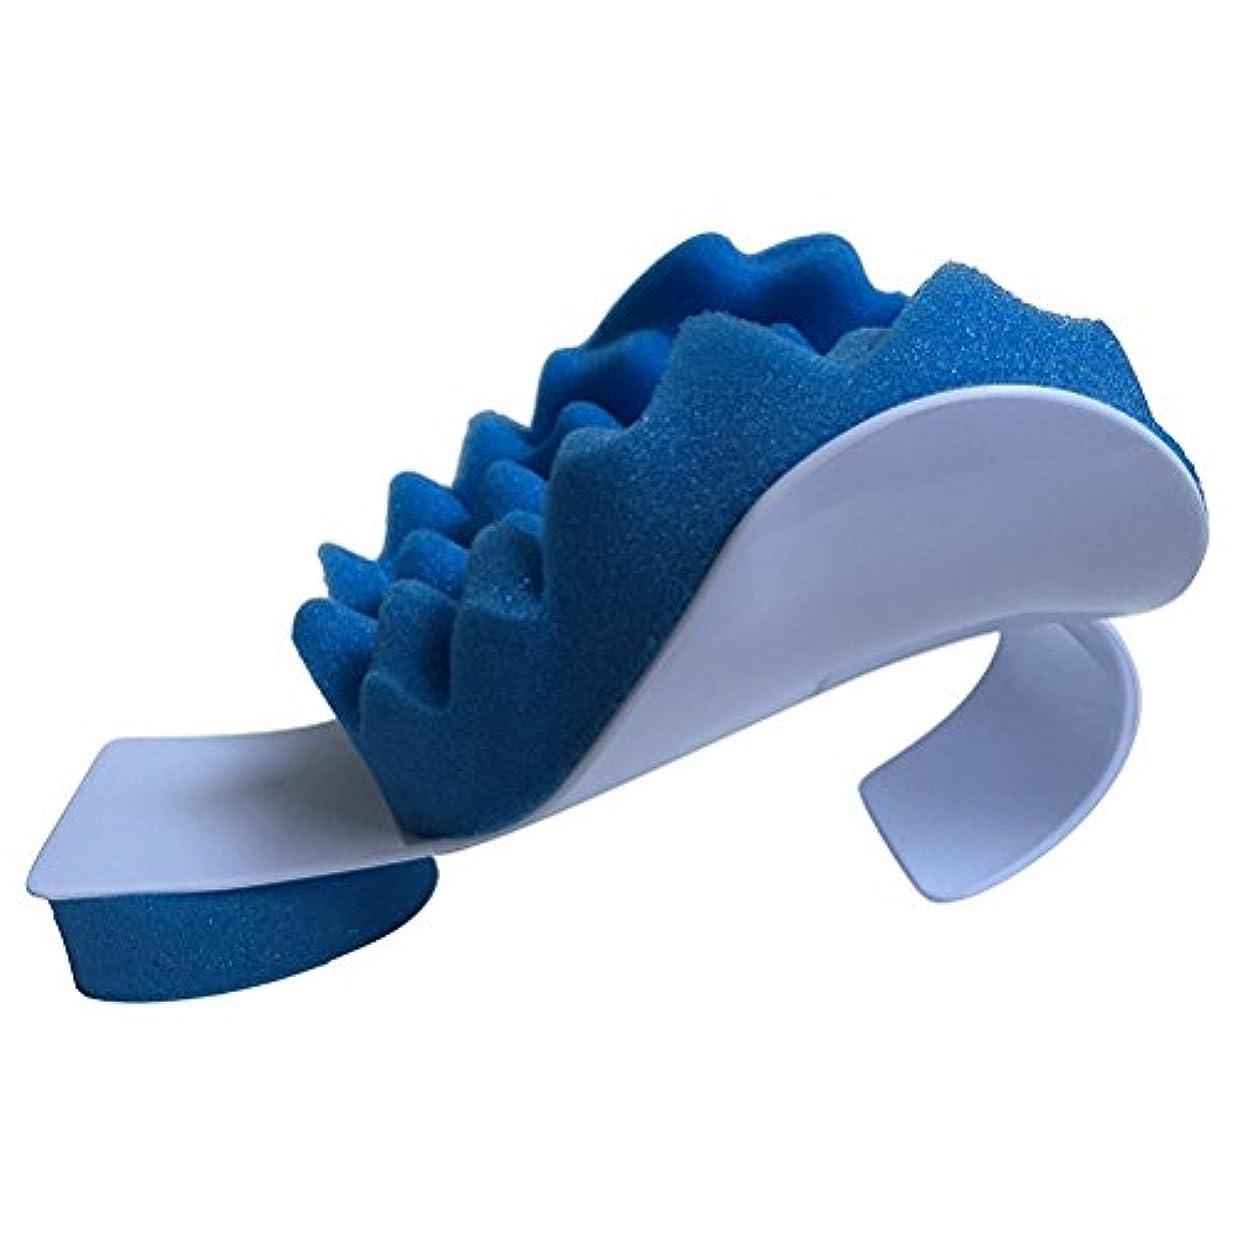 最も遠い幻滅キリンROSENICE 痛み緩和のための首と肩のリラクサー枕リラクサーマッサージ牽引ピロー